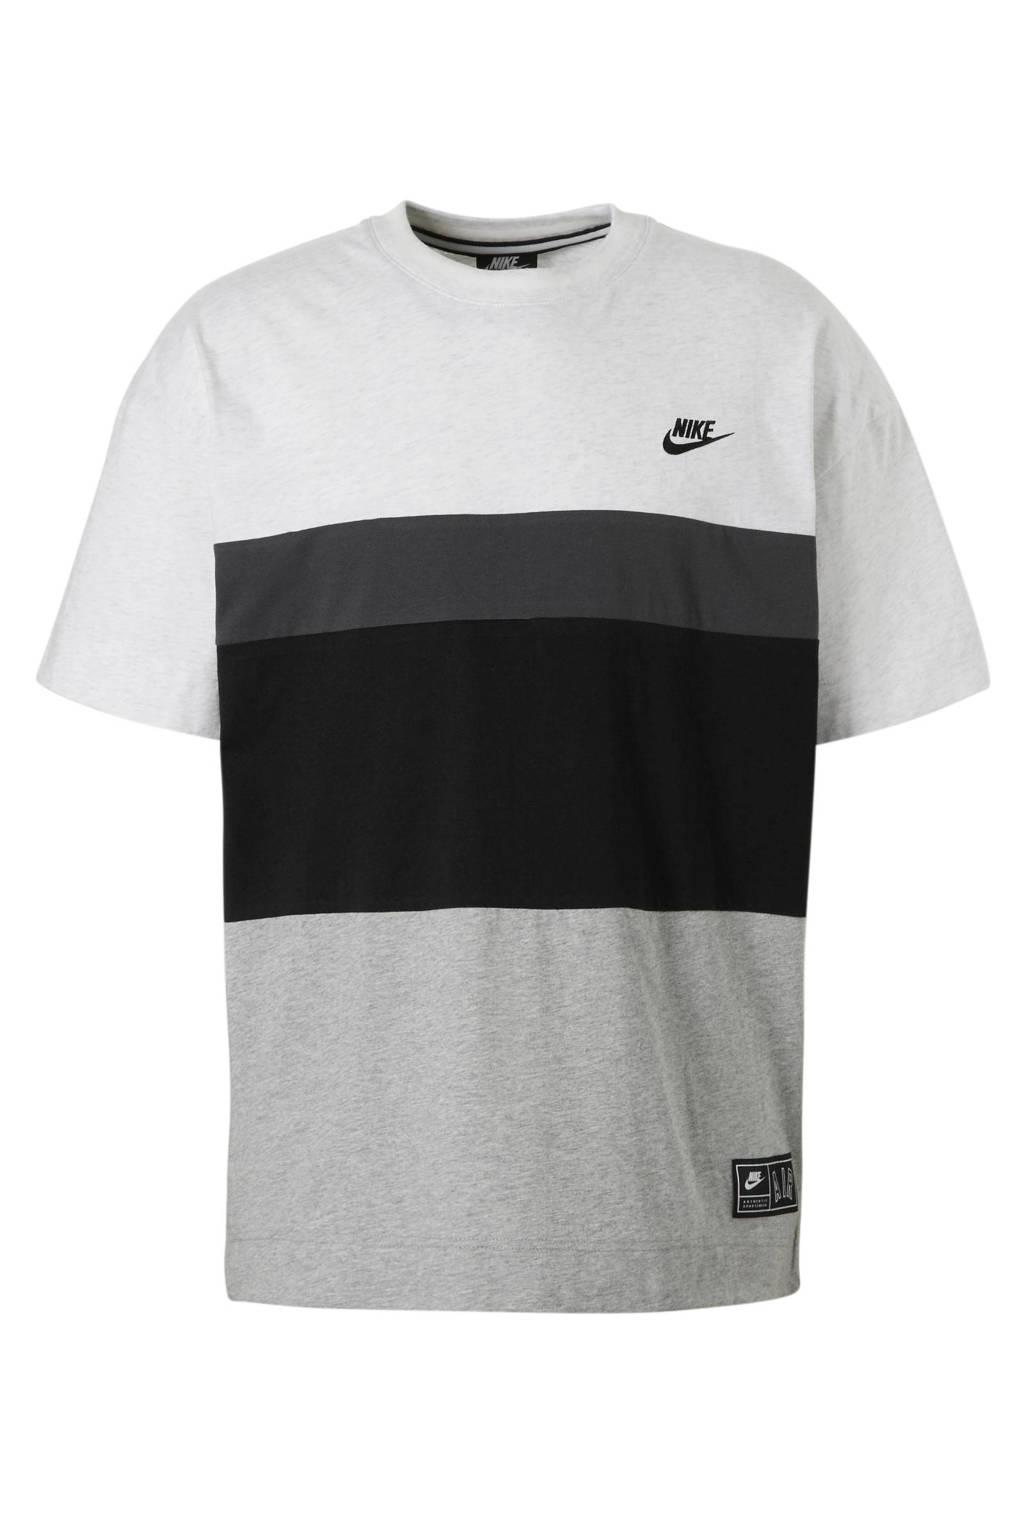 Nike   sport T-shirt grijs, Grijs/zwart